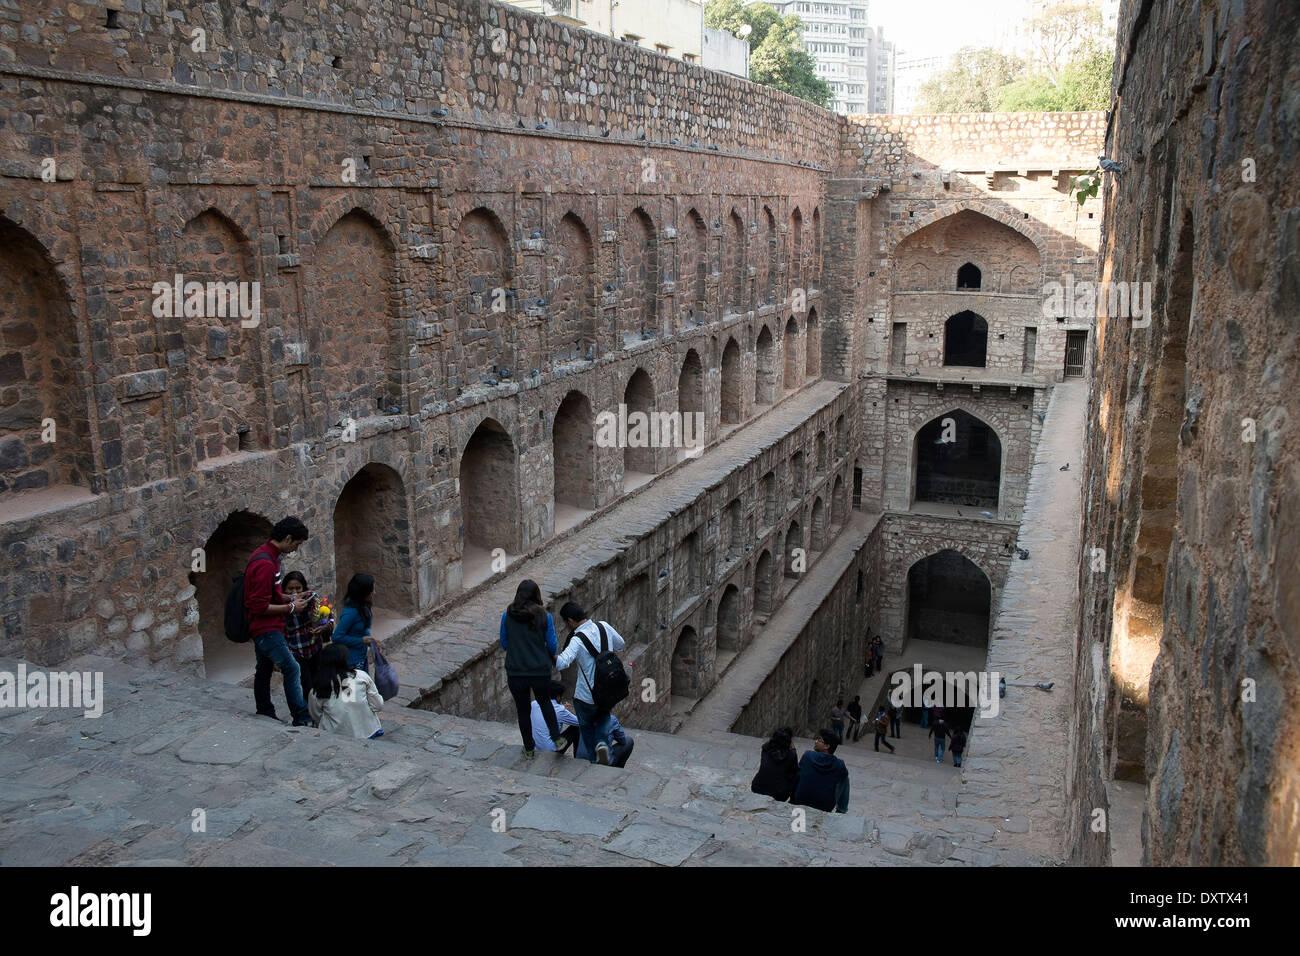 India, Uttar Pradesh, New Delhi, Ugrasen Ki Baoli - Stock Image